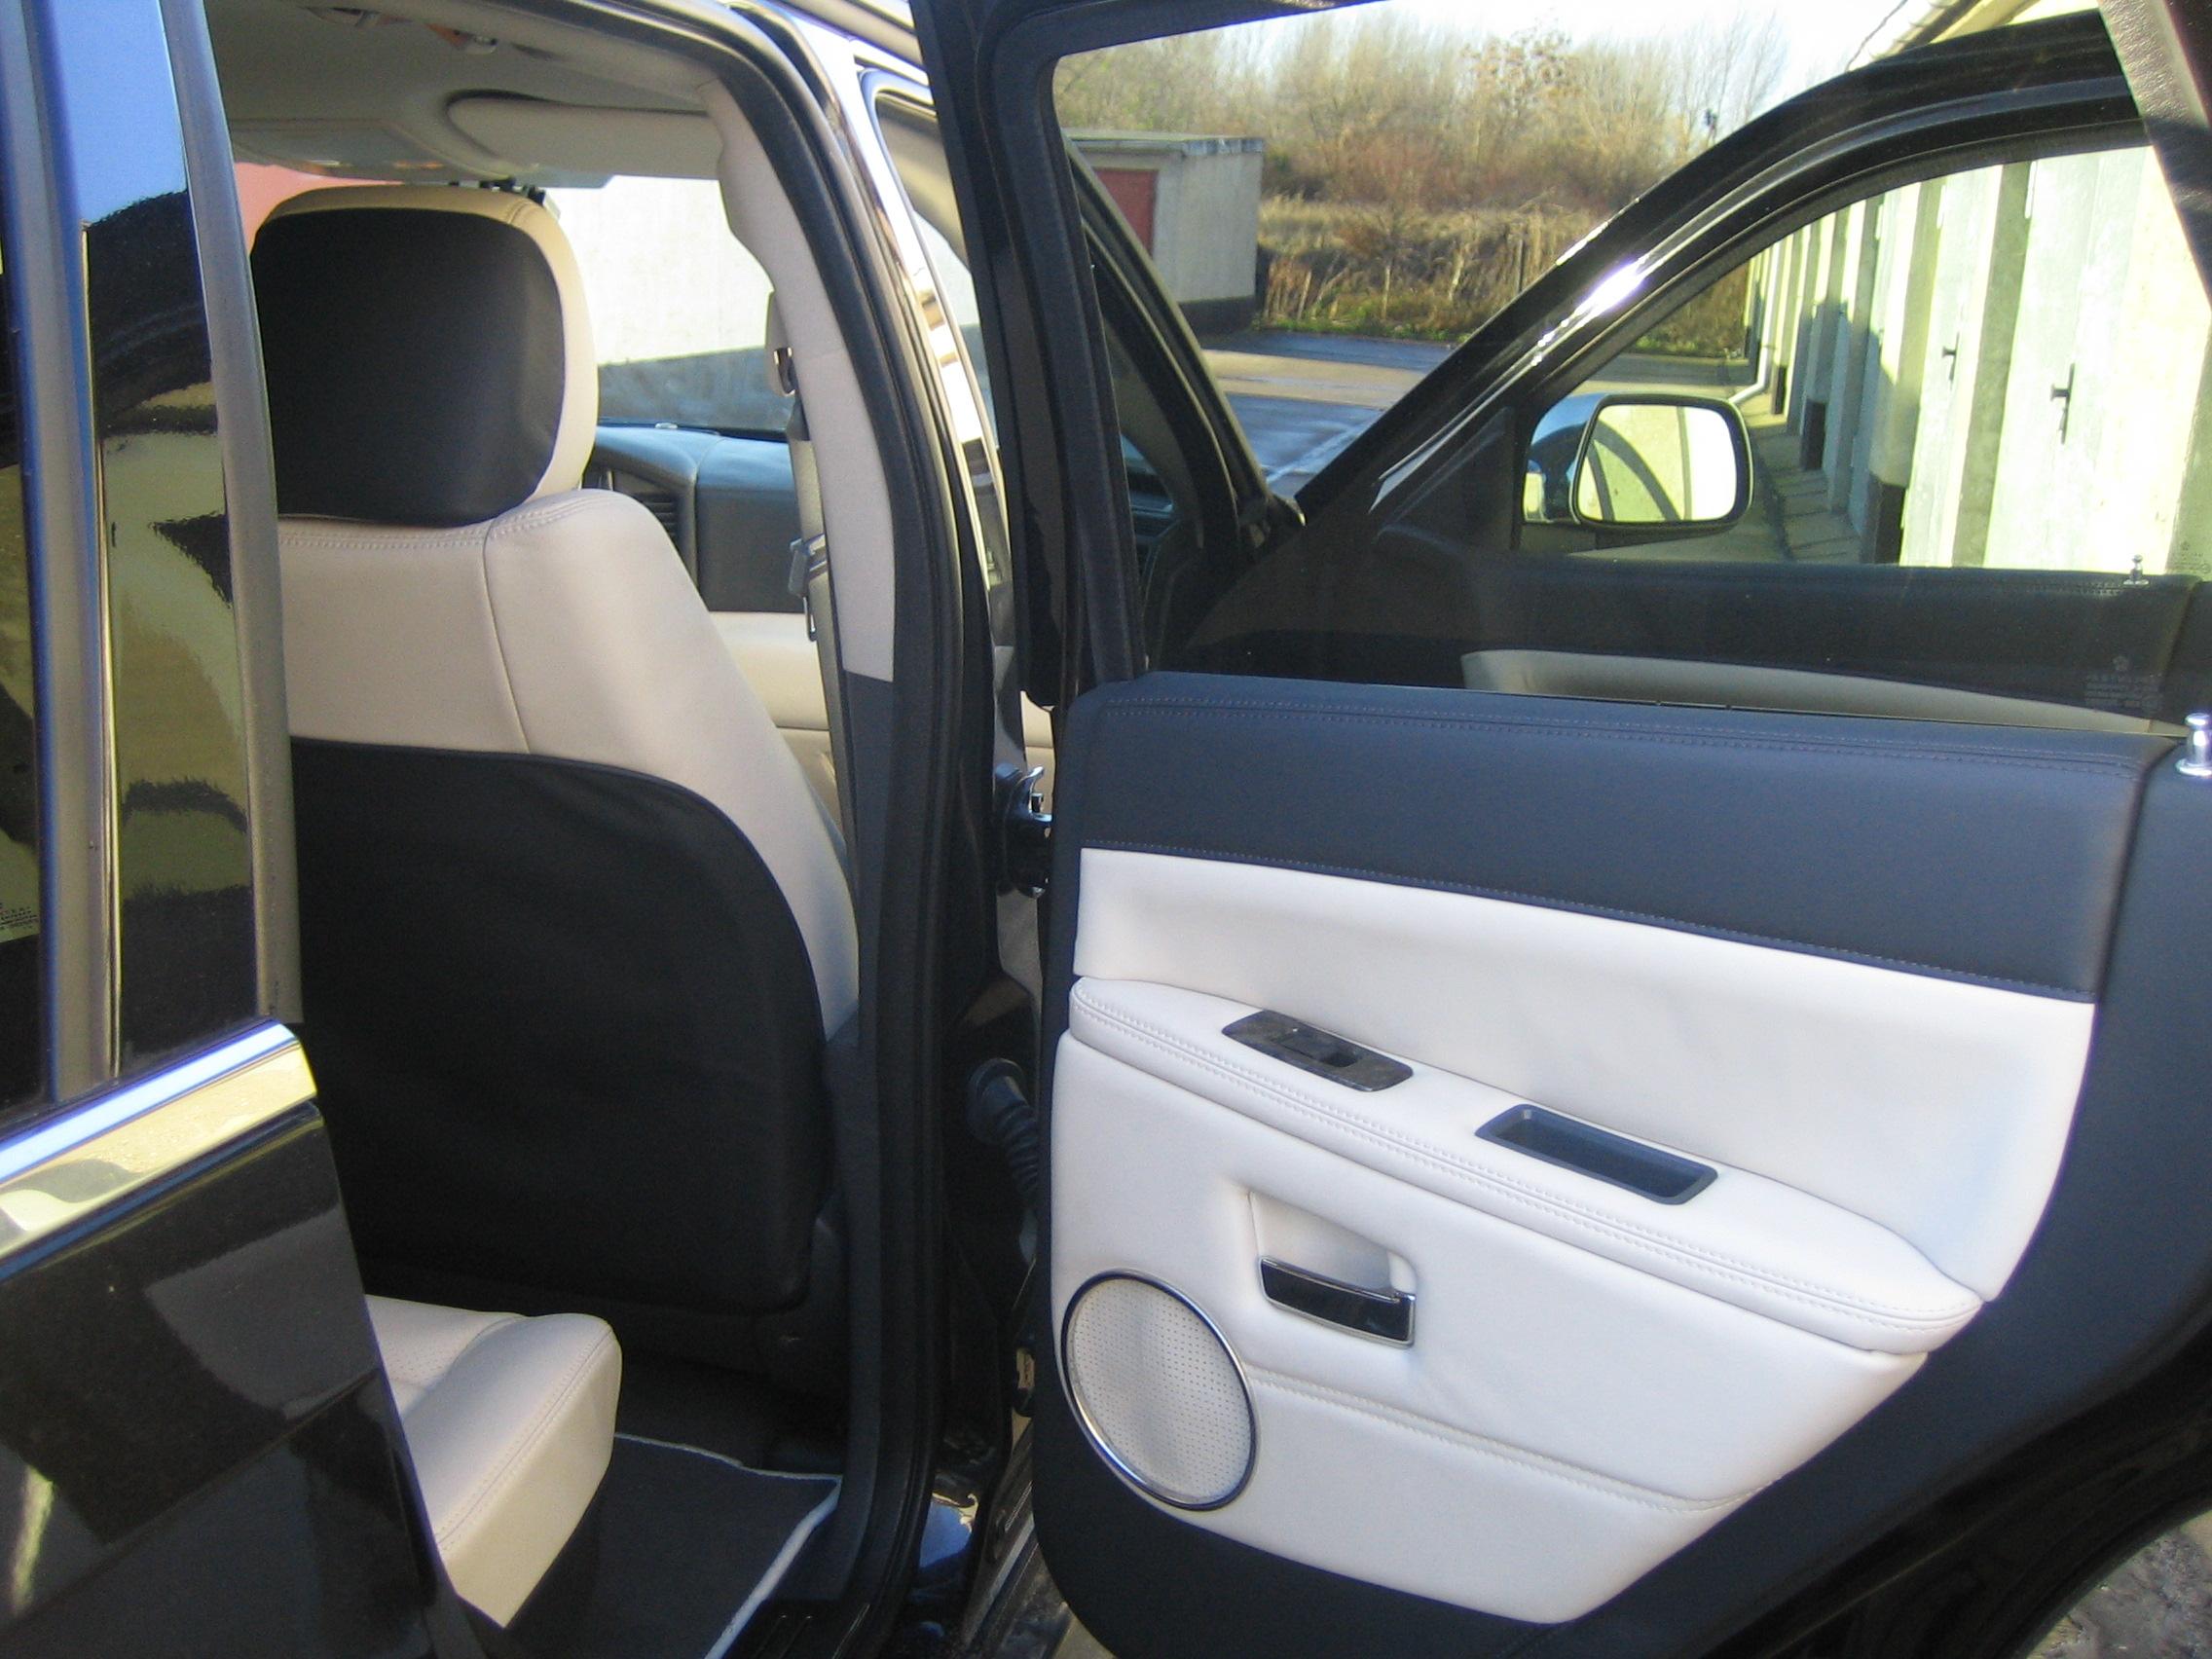 Ledersitze - Innenausstattung für Fahrzeuge 012